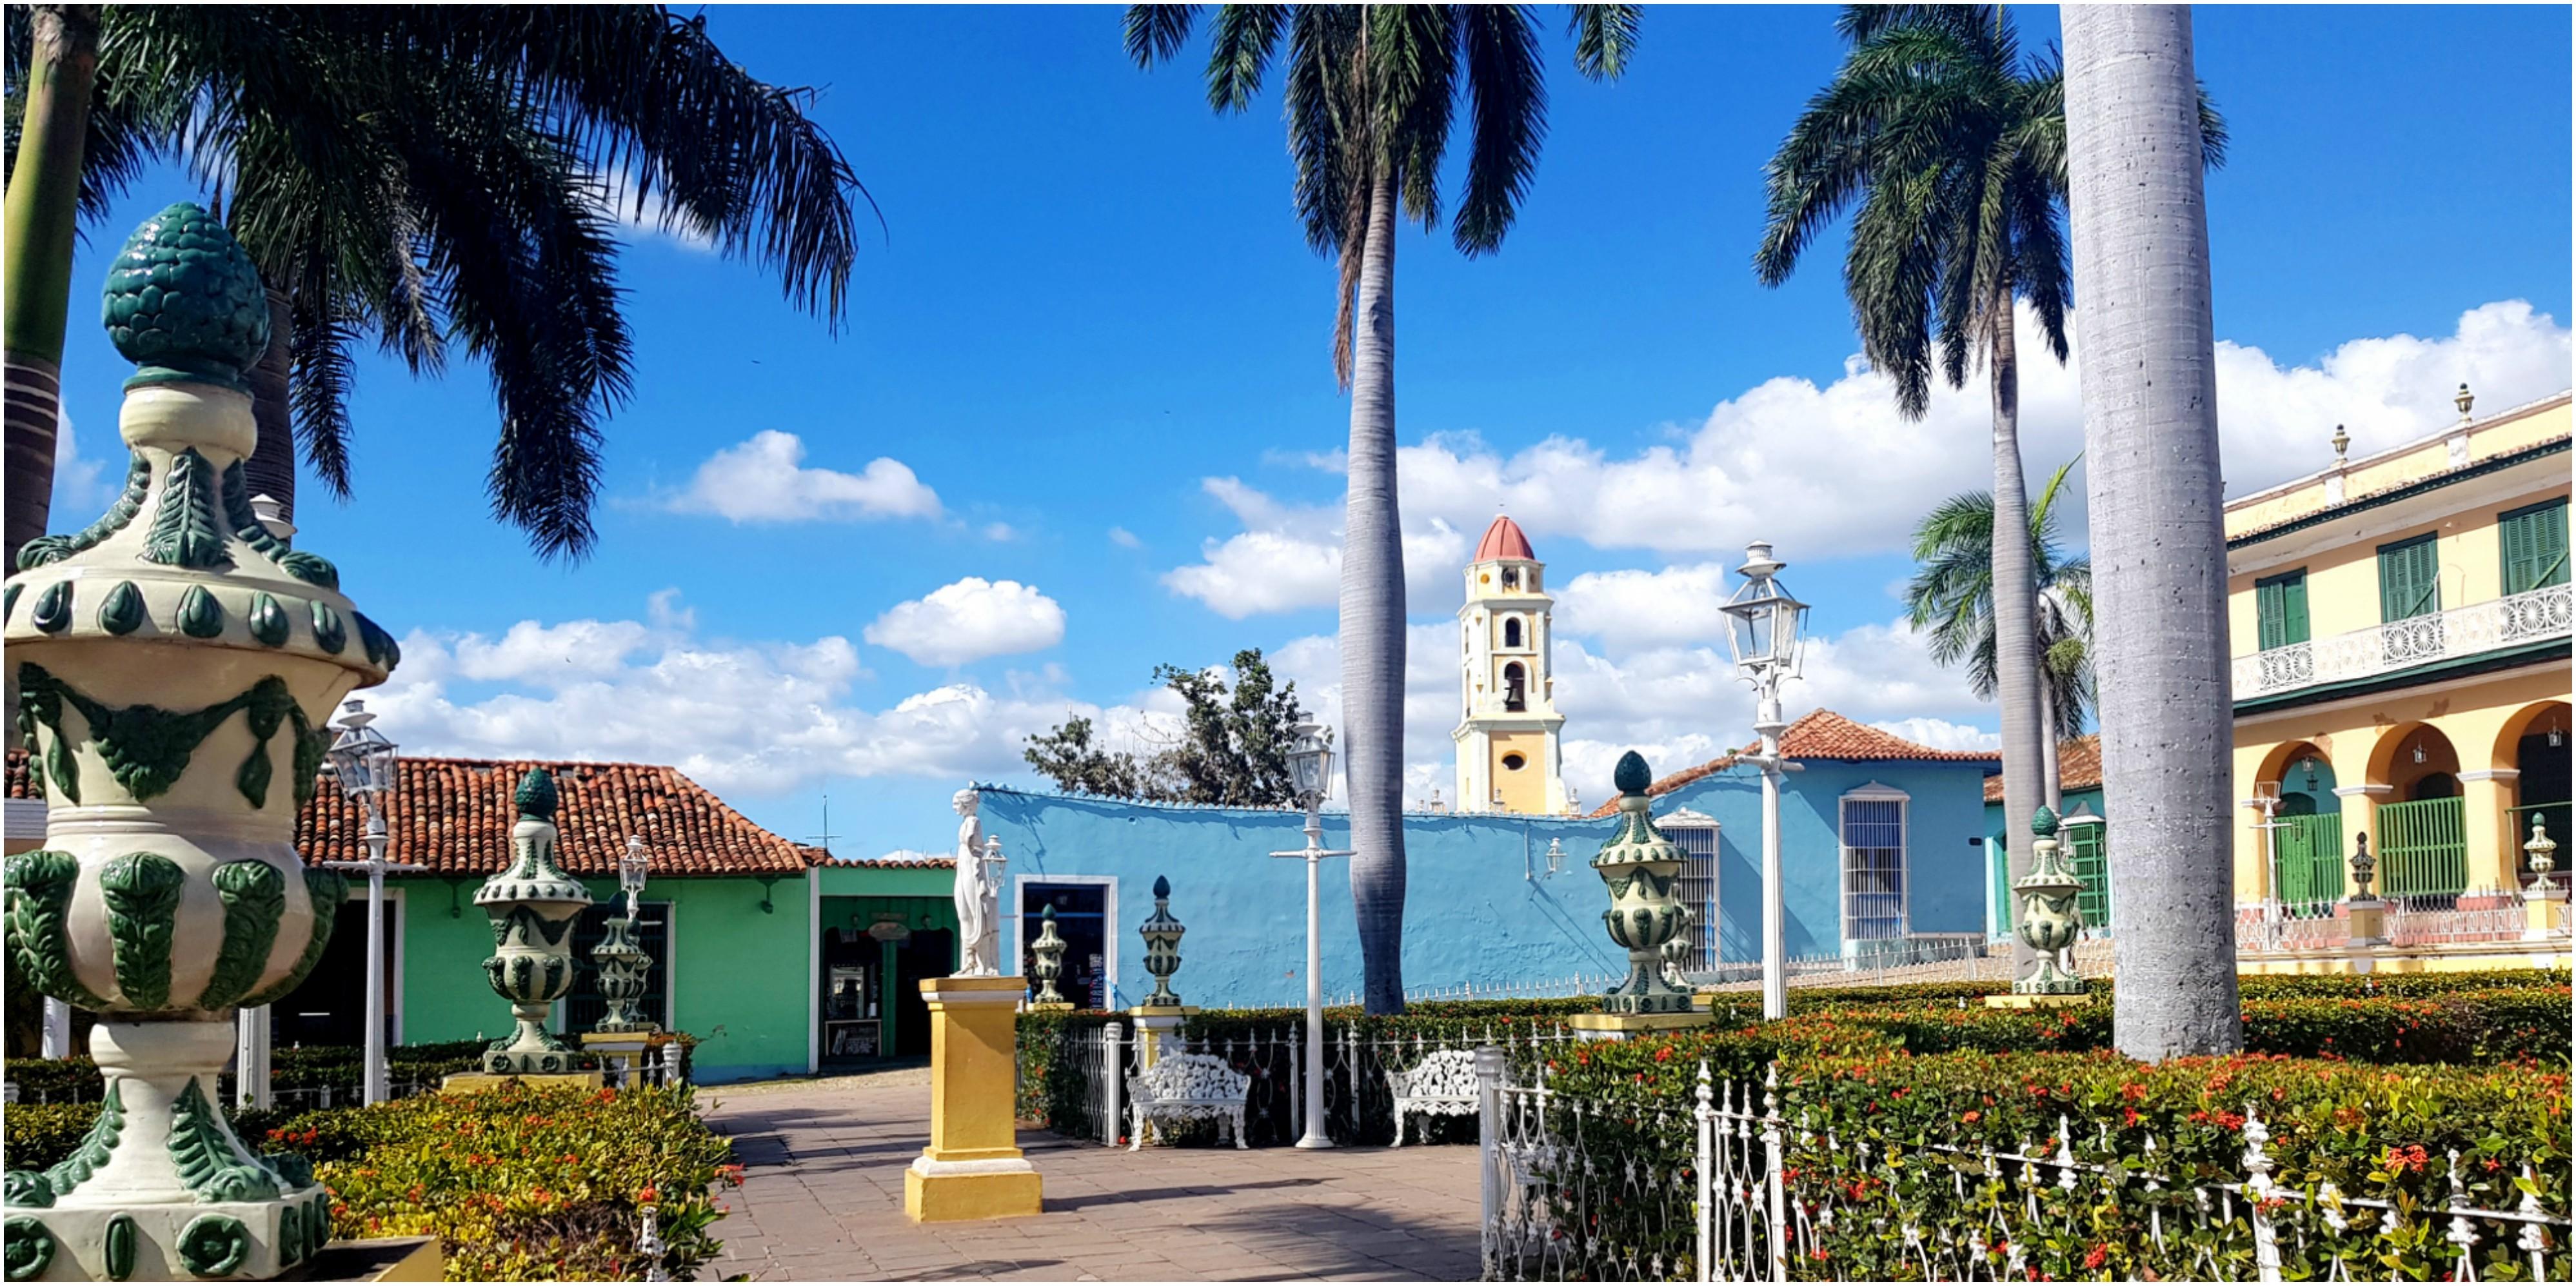 cuba-trinidad-plaza-major-visit